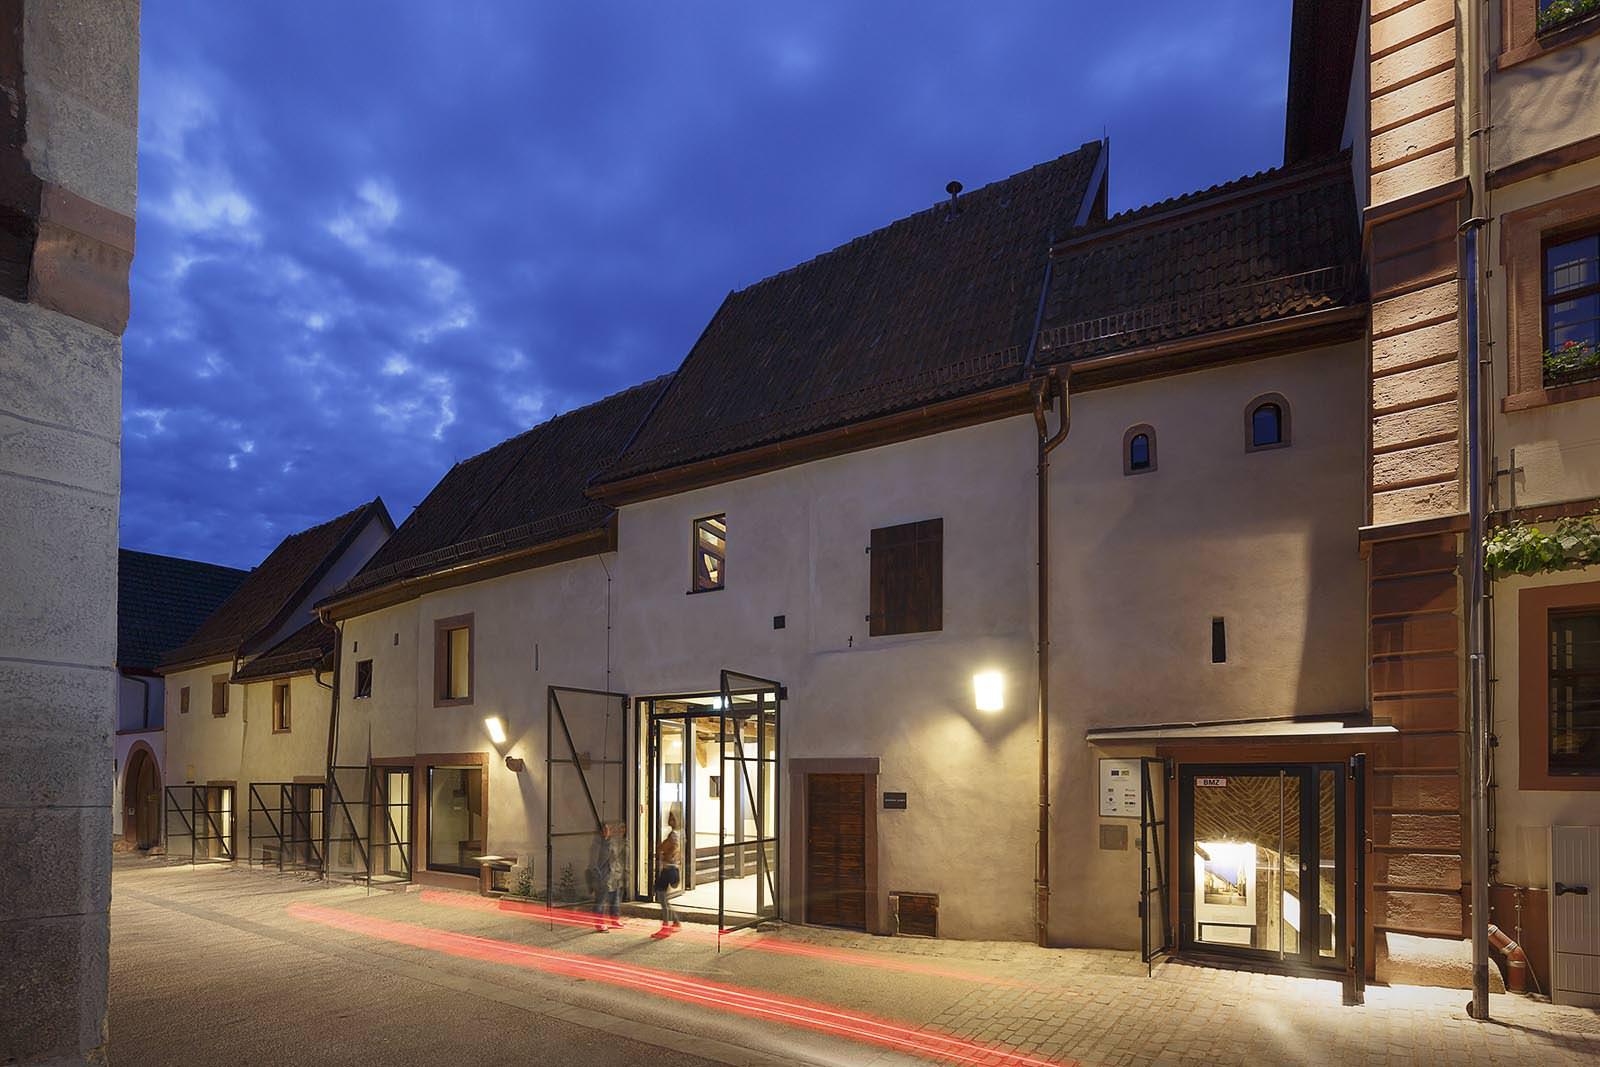 Weinkulturgaden Thüngersheim – Ort für Wein und Kultur